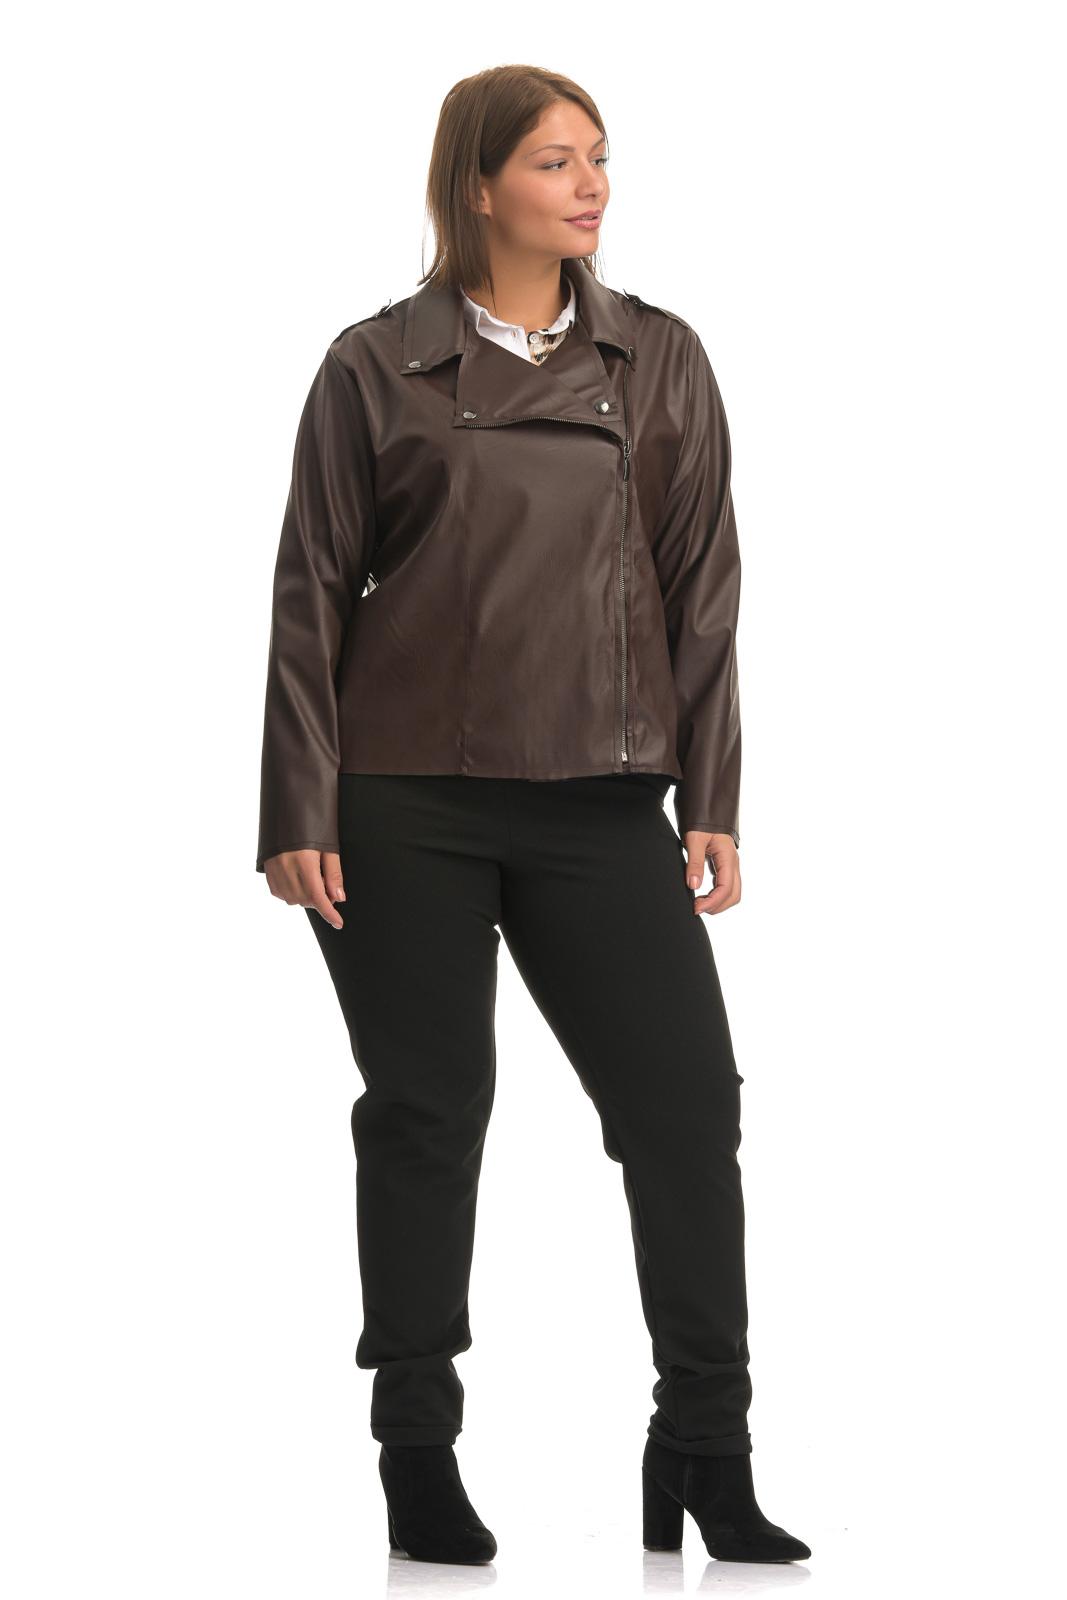 Jacket +Psx  ελαστικής δερματίνης καφέ με λοξό φερμουάρ